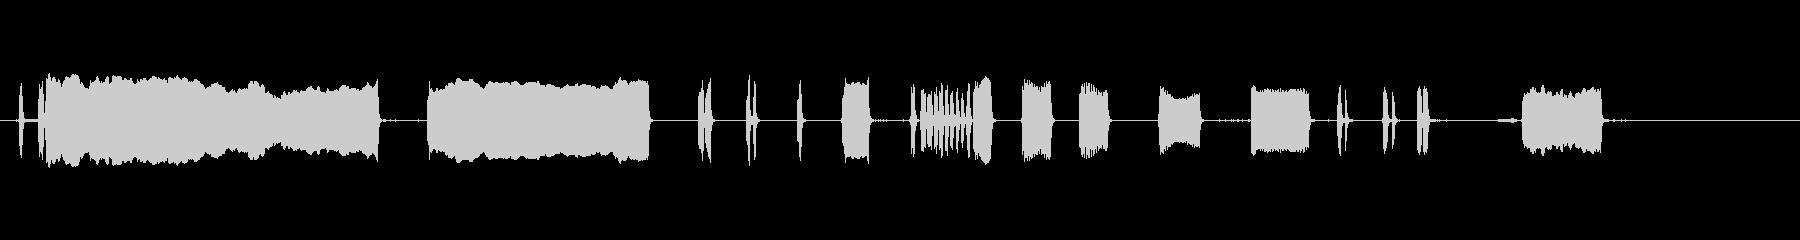 カーホーンビープ音;甲高い鼻、さま...の未再生の波形